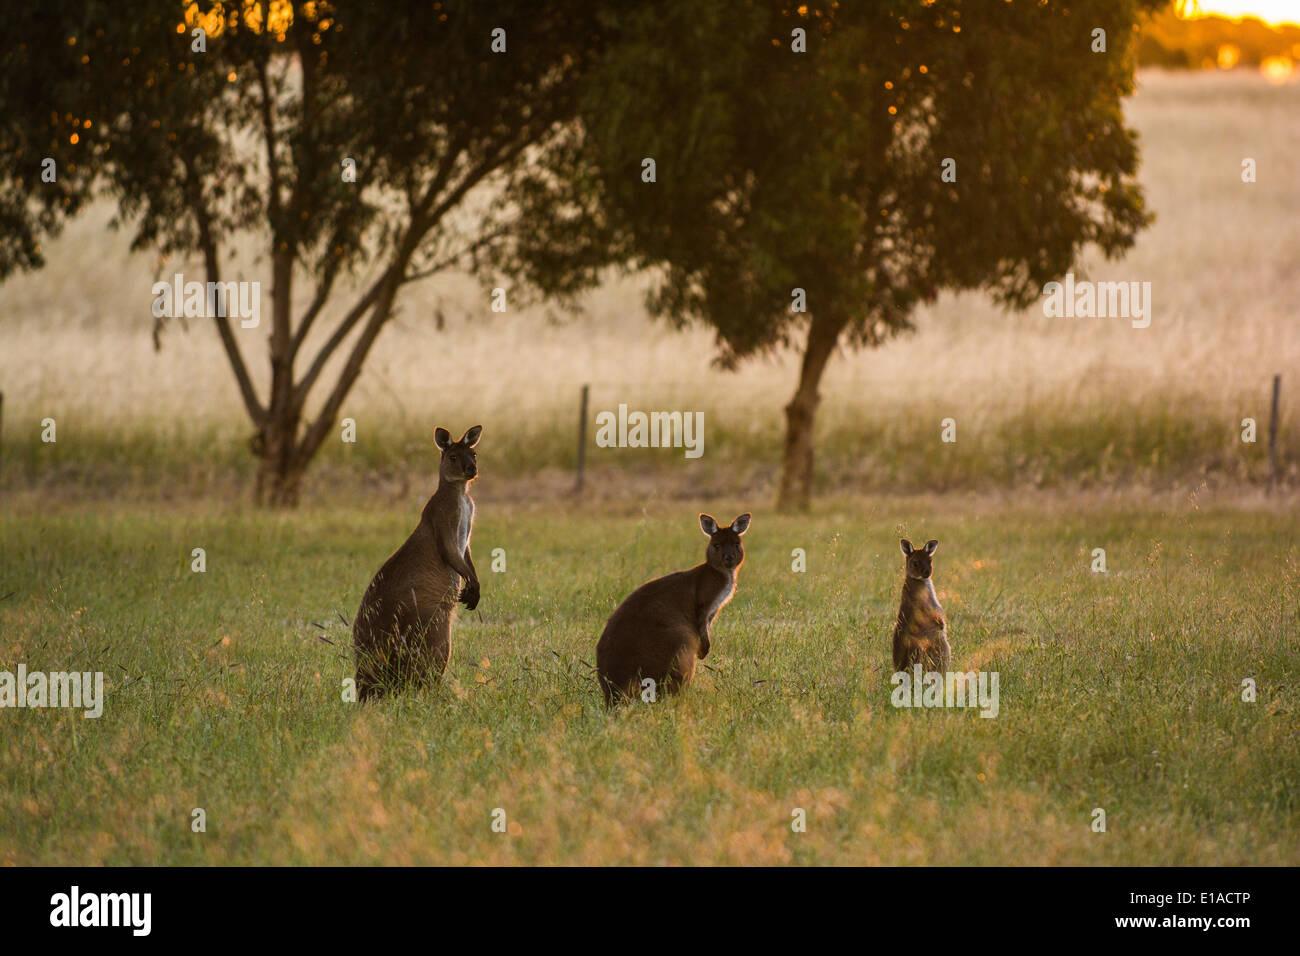 Kangaroo family, Kingscote, Kangaroo Island, South Australia Stock Photo